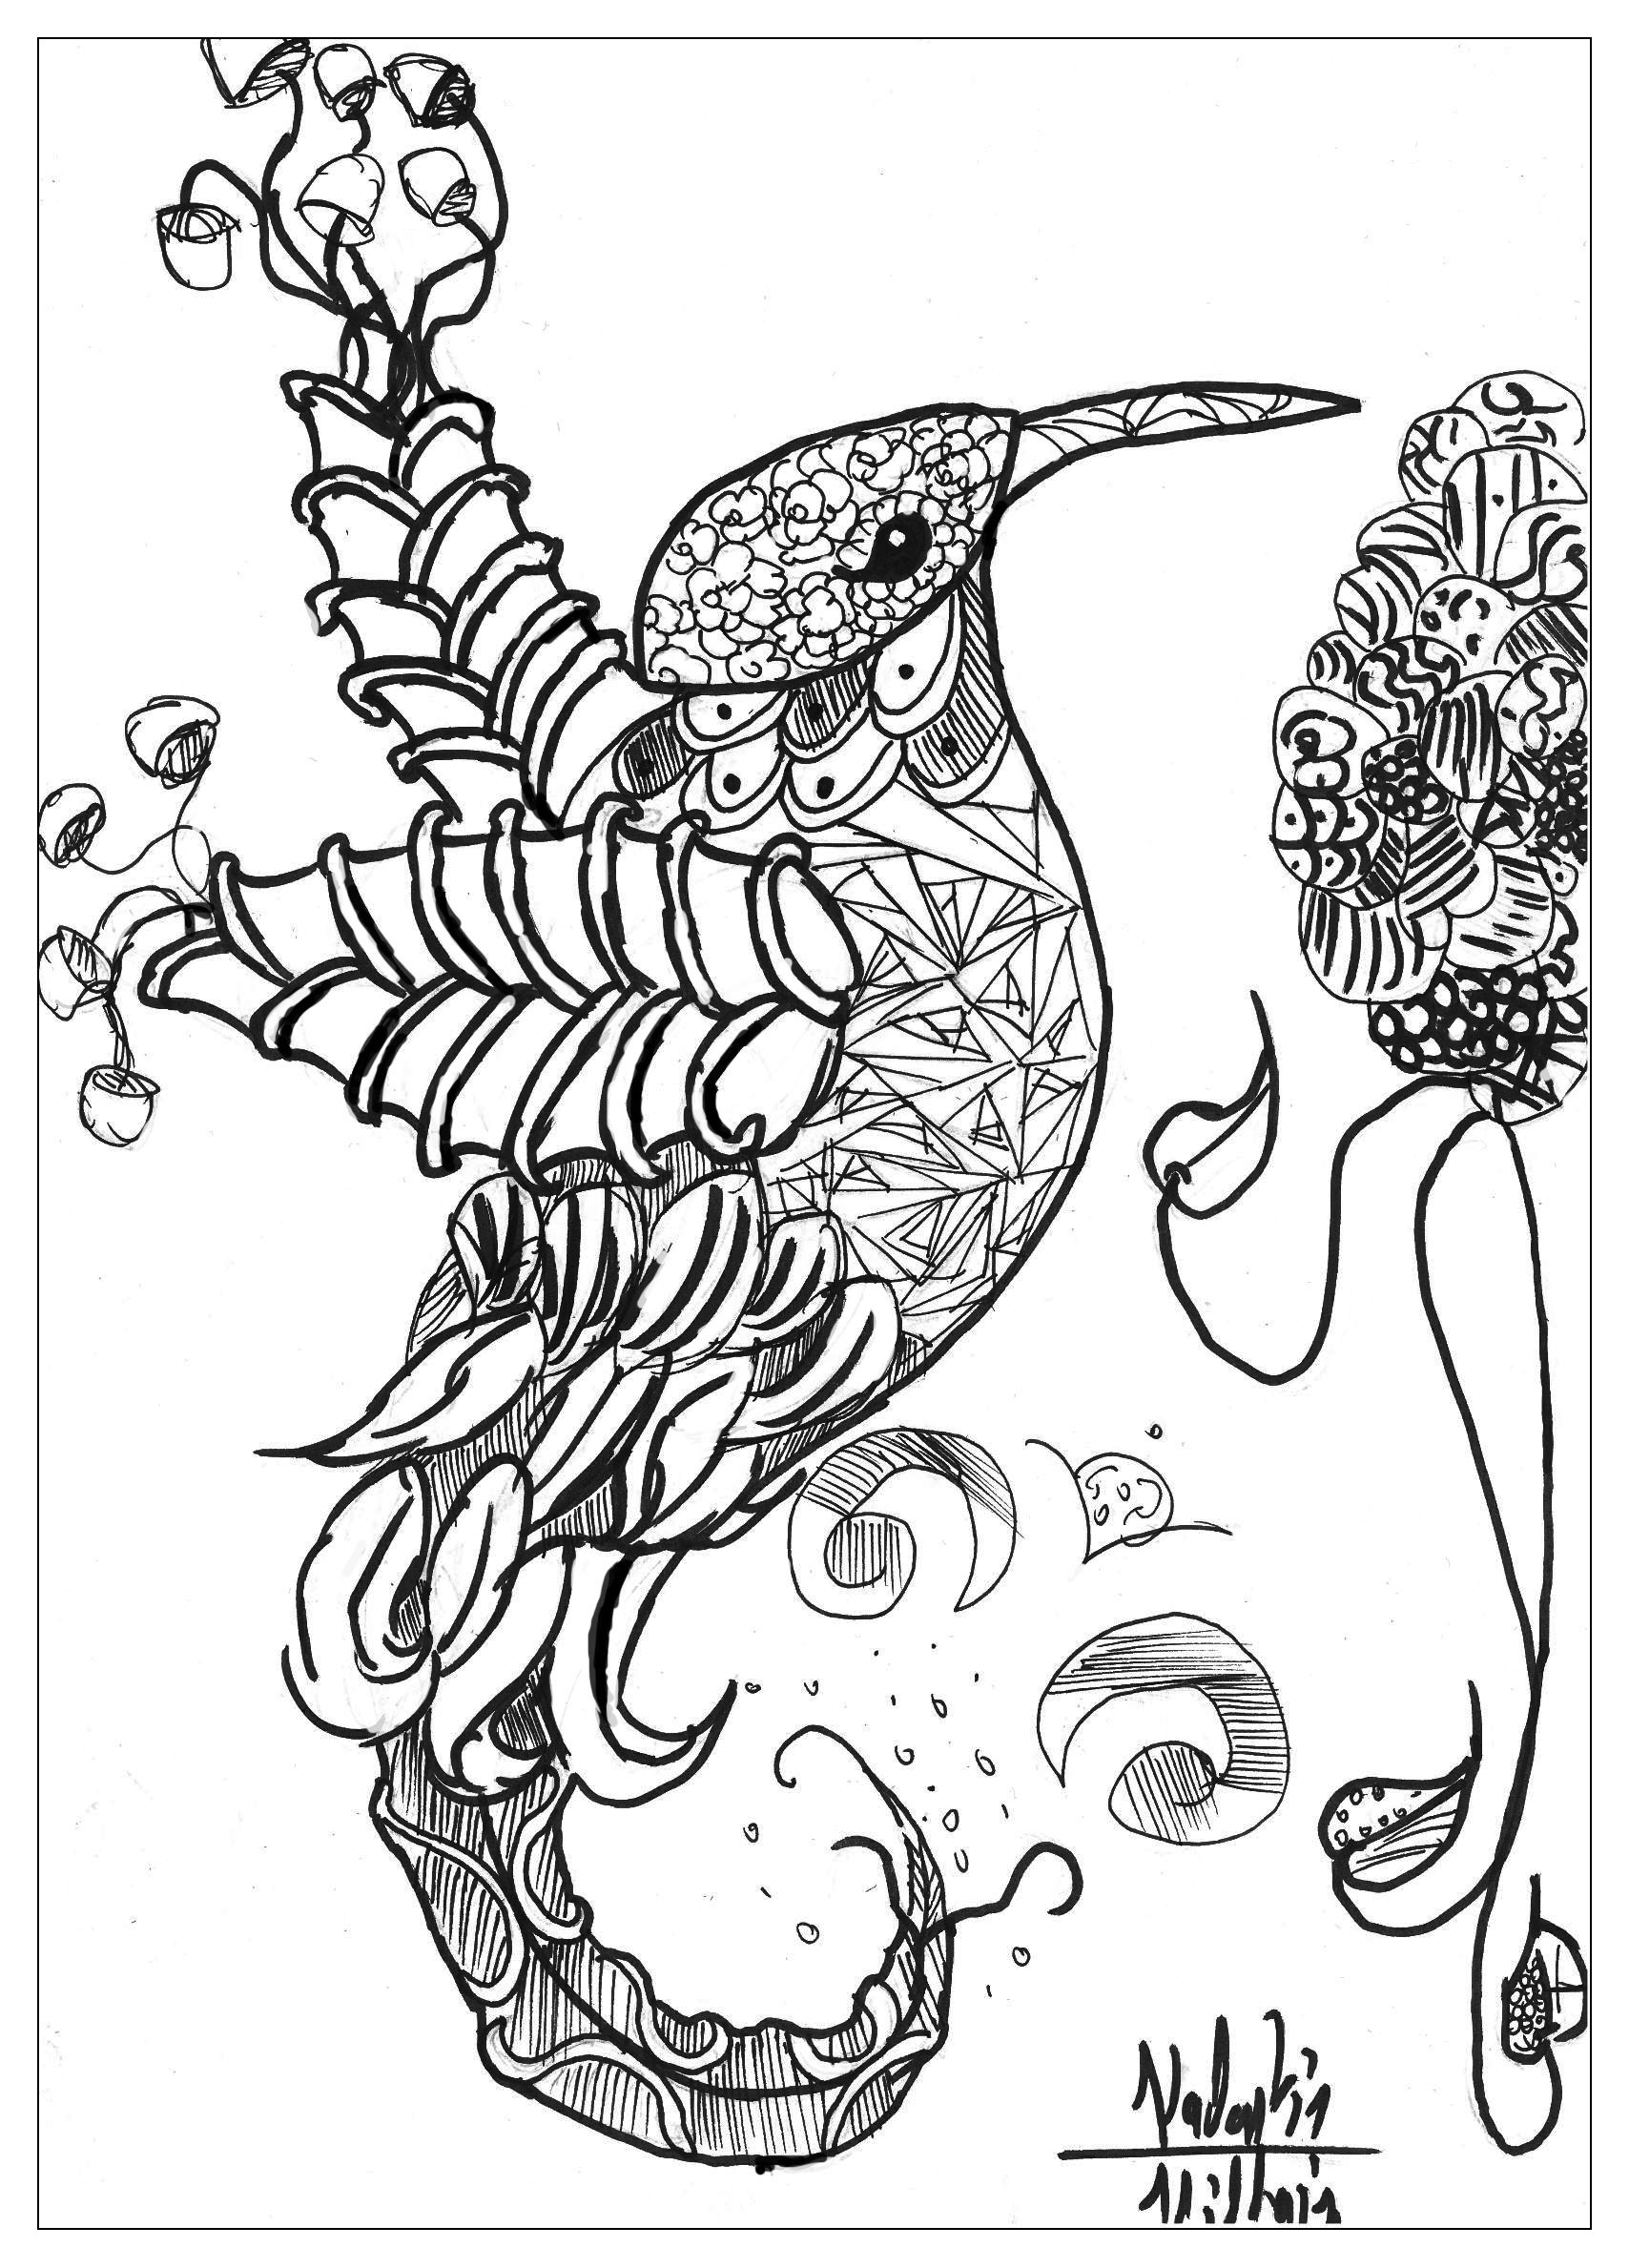 Un oiseau avec une légère touche de Zentangle dans l'air.A partir de la galerie : AnimauxArtiste : Valentin